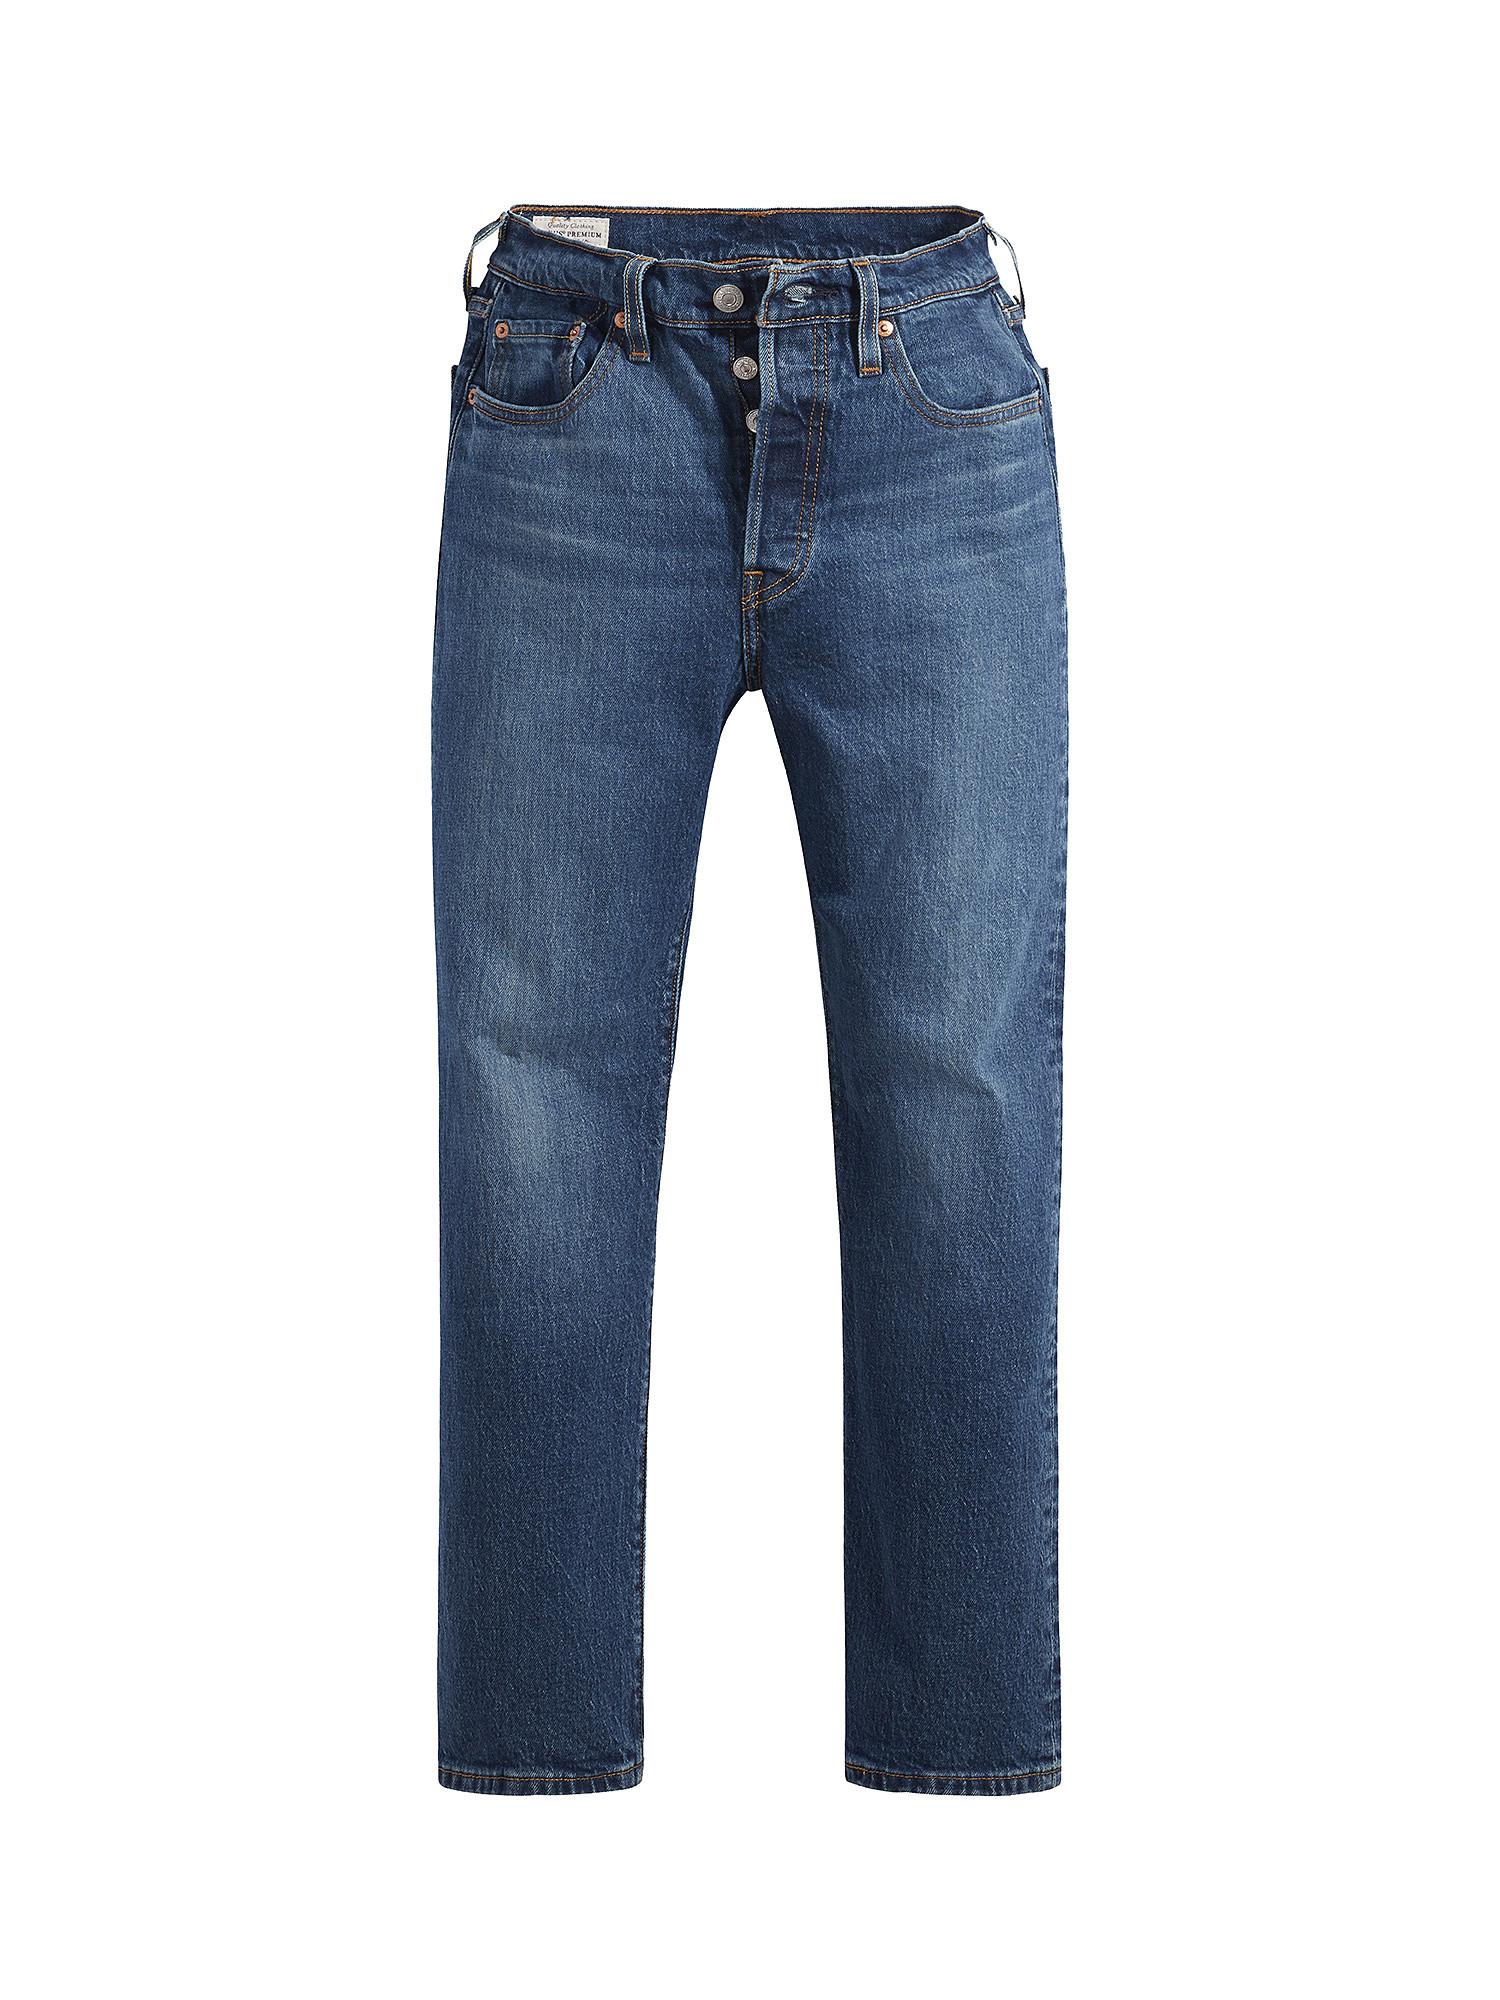 Jeans donna 501 crop, Denim, large image number 0